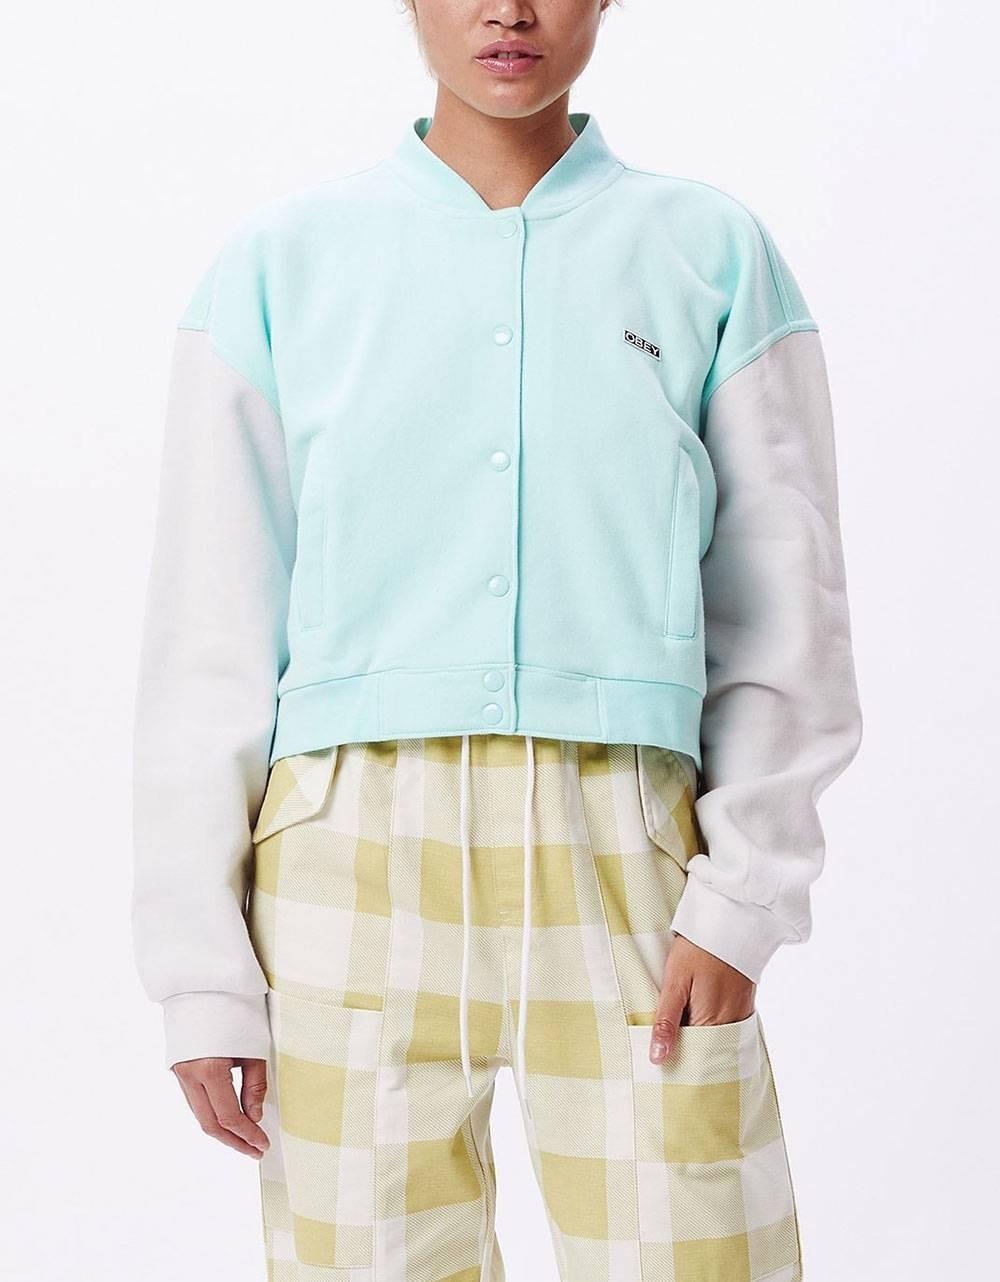 Obey Woman wrigley fleece jacket - light blue / iris obey Jacket 129,00€